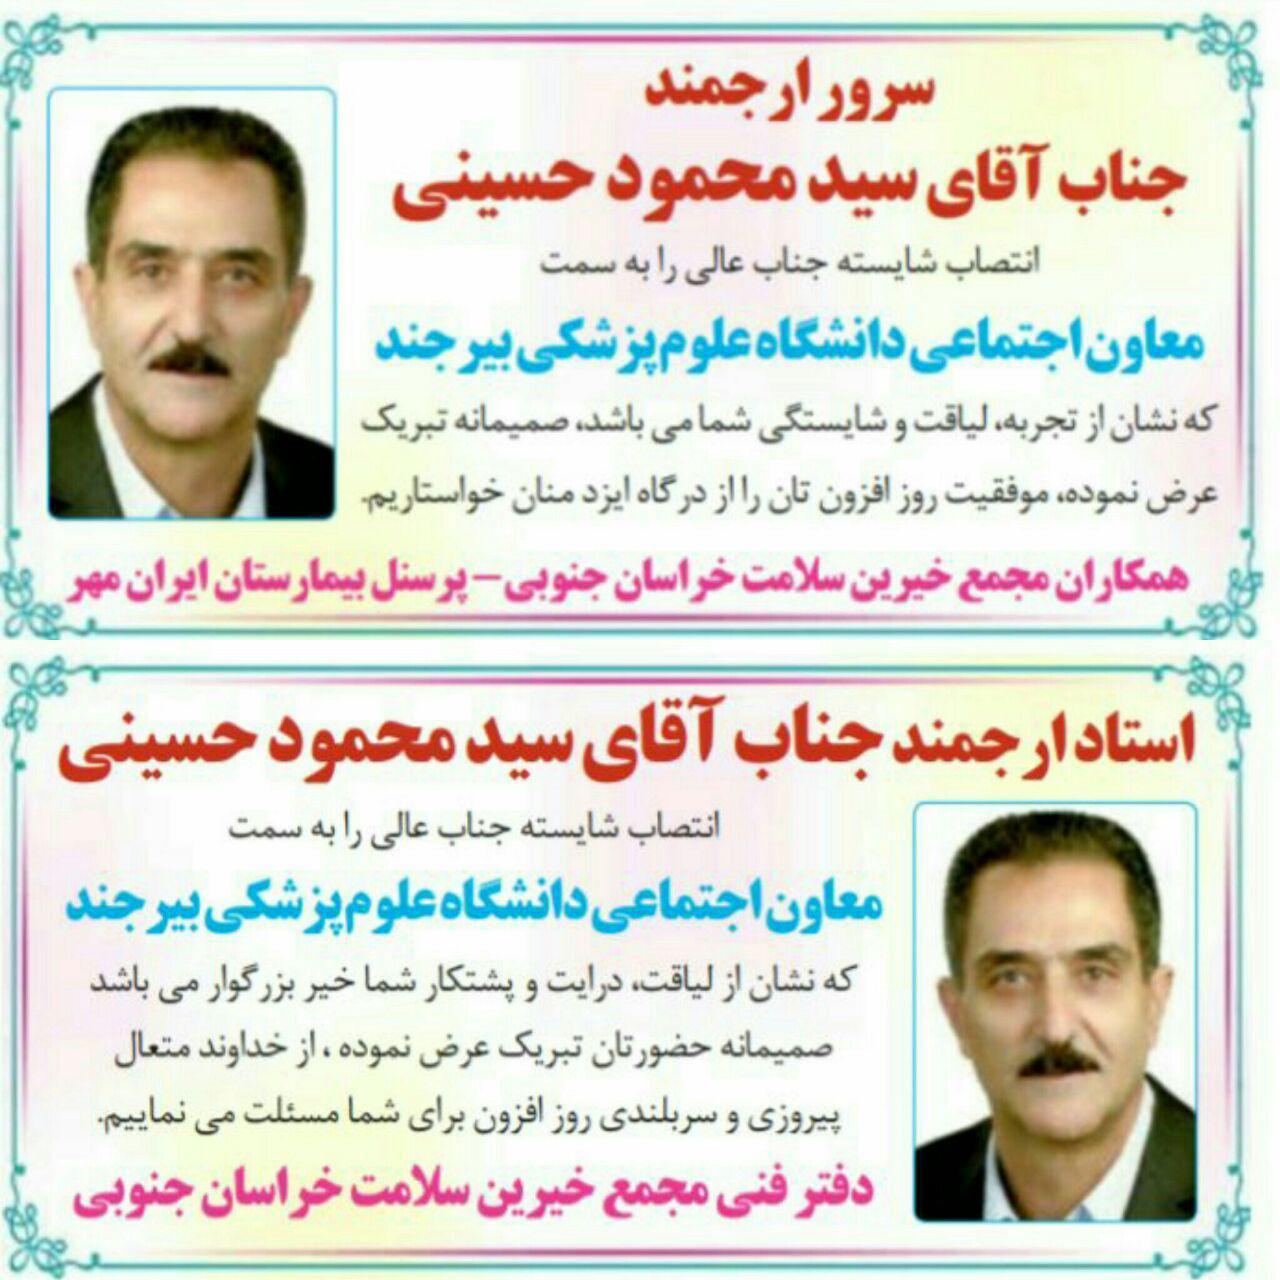 انتصاب جناب آقای سید محمود حسینی به سمت معاون دانشگاه علوم پزشکی بیرجند